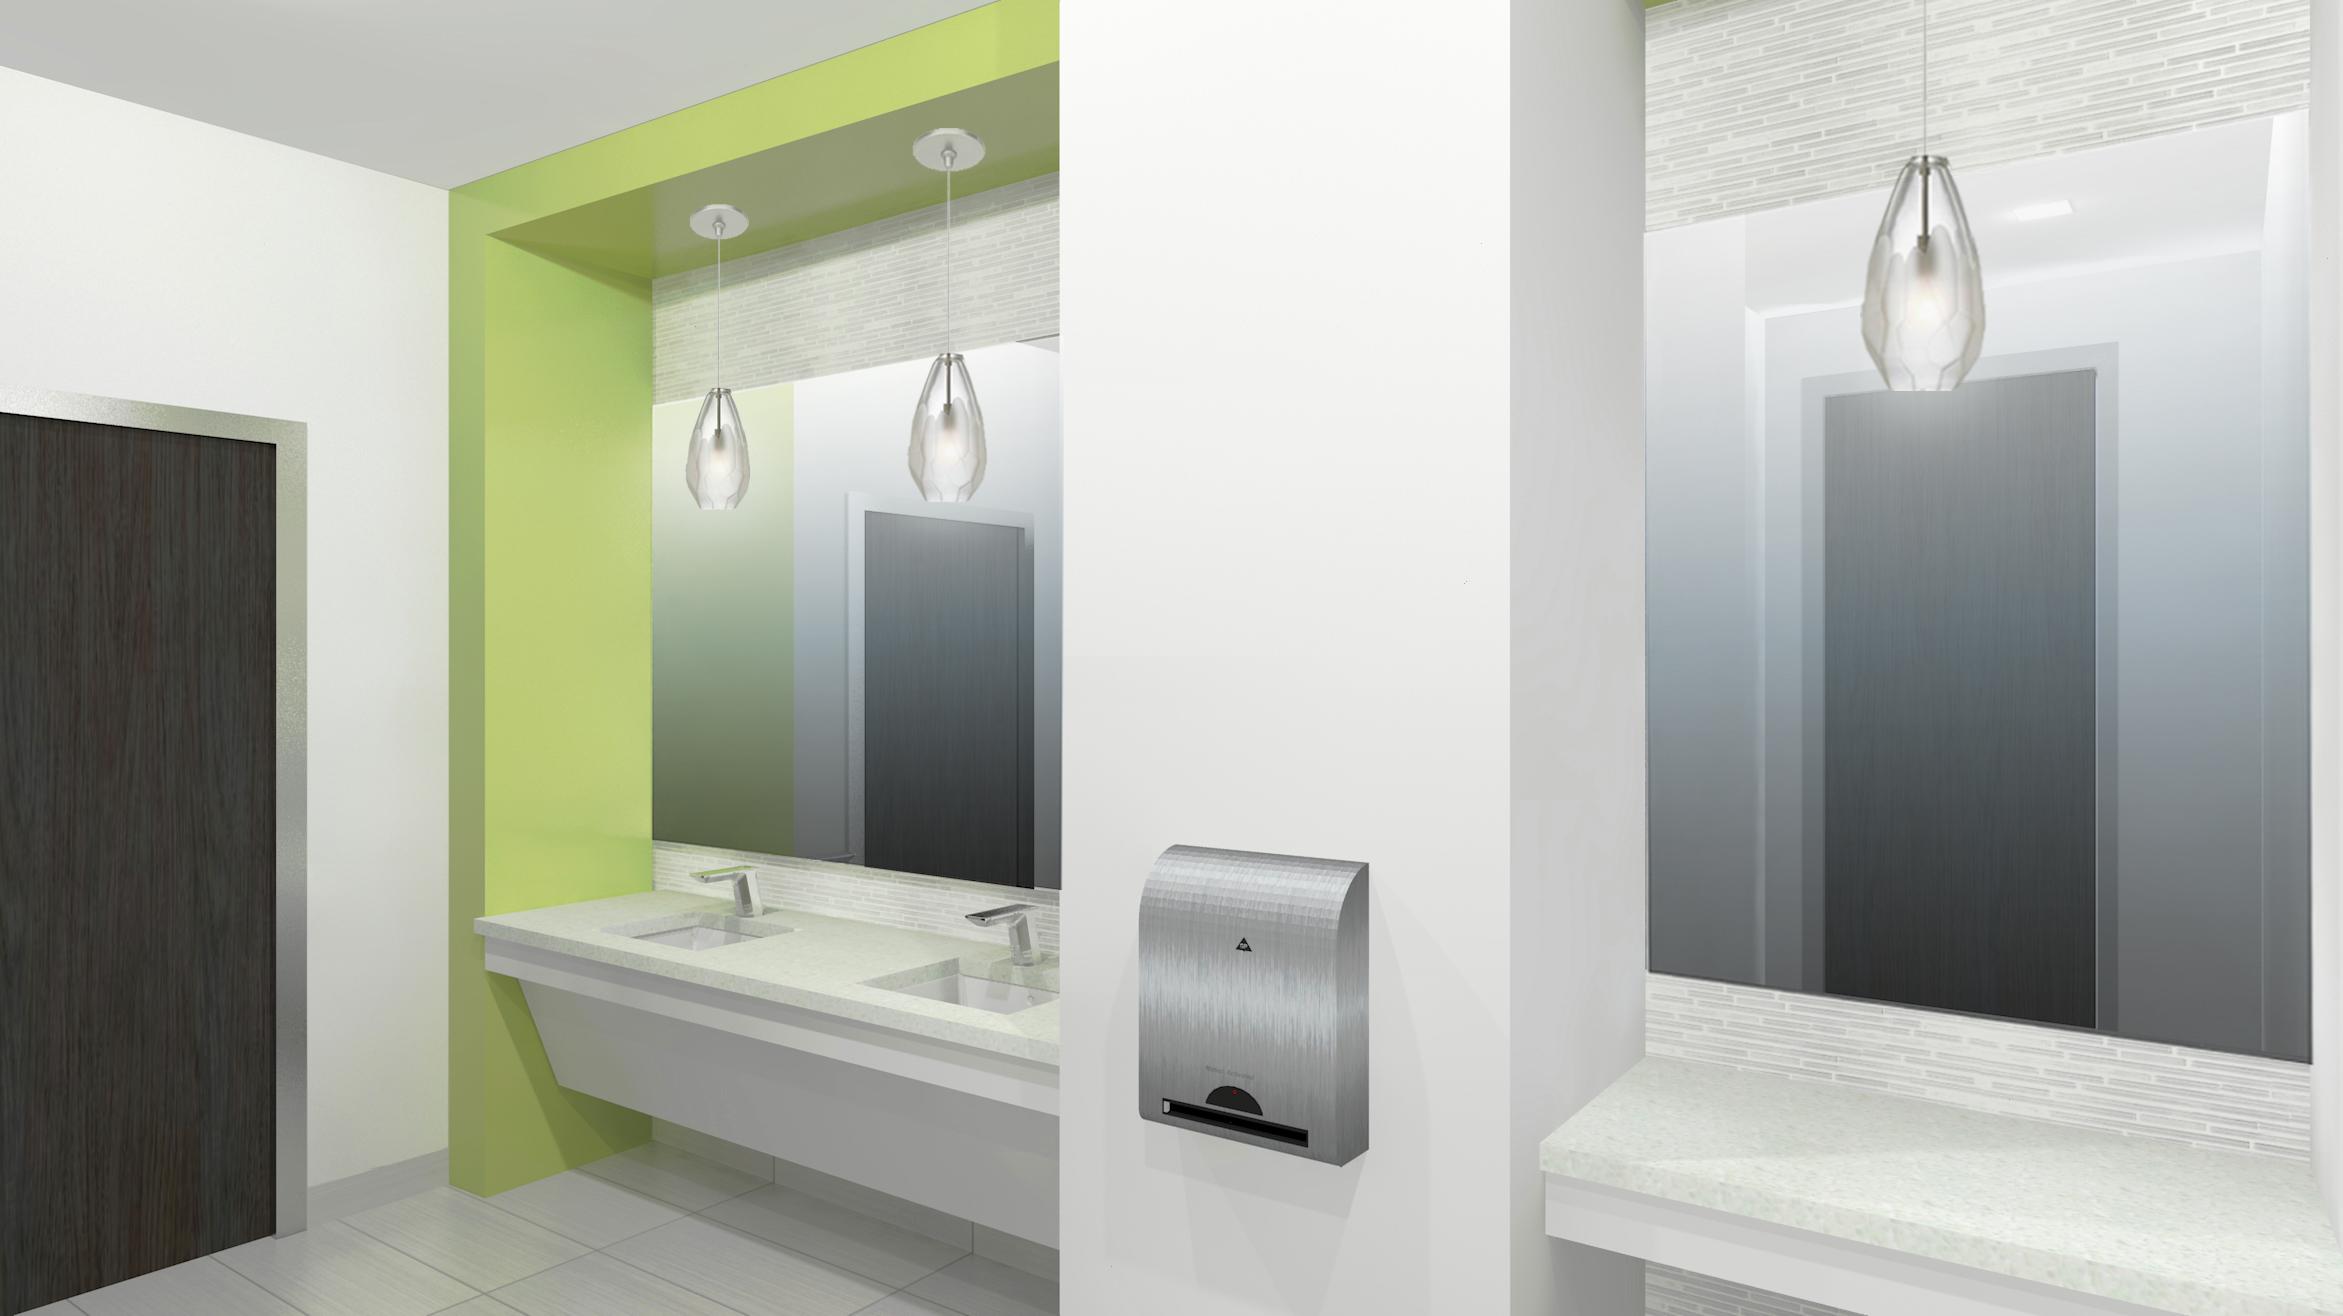 restroom rendering 3.jpg